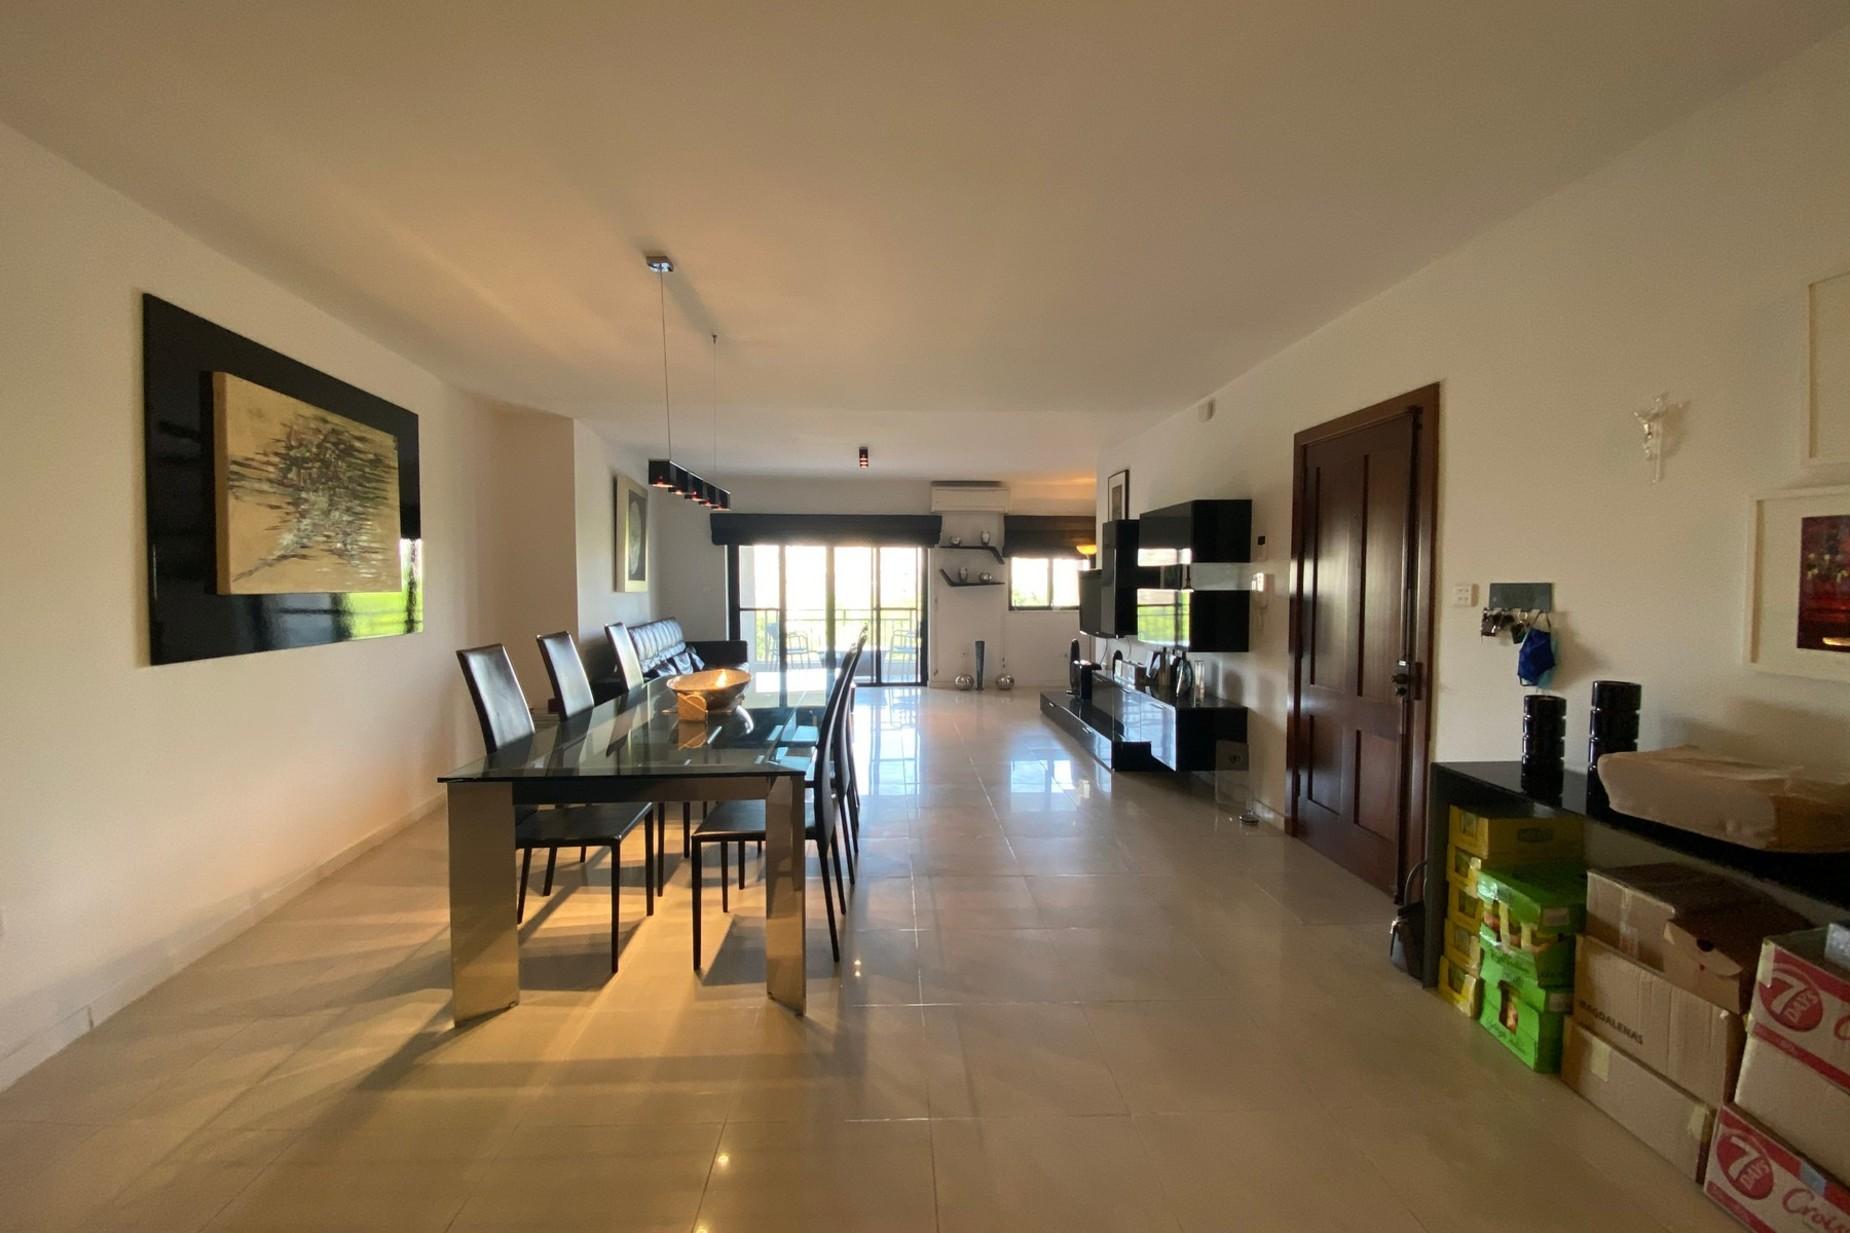 3 bed Apartment For Sale in Pieta, Pieta - thumb 7